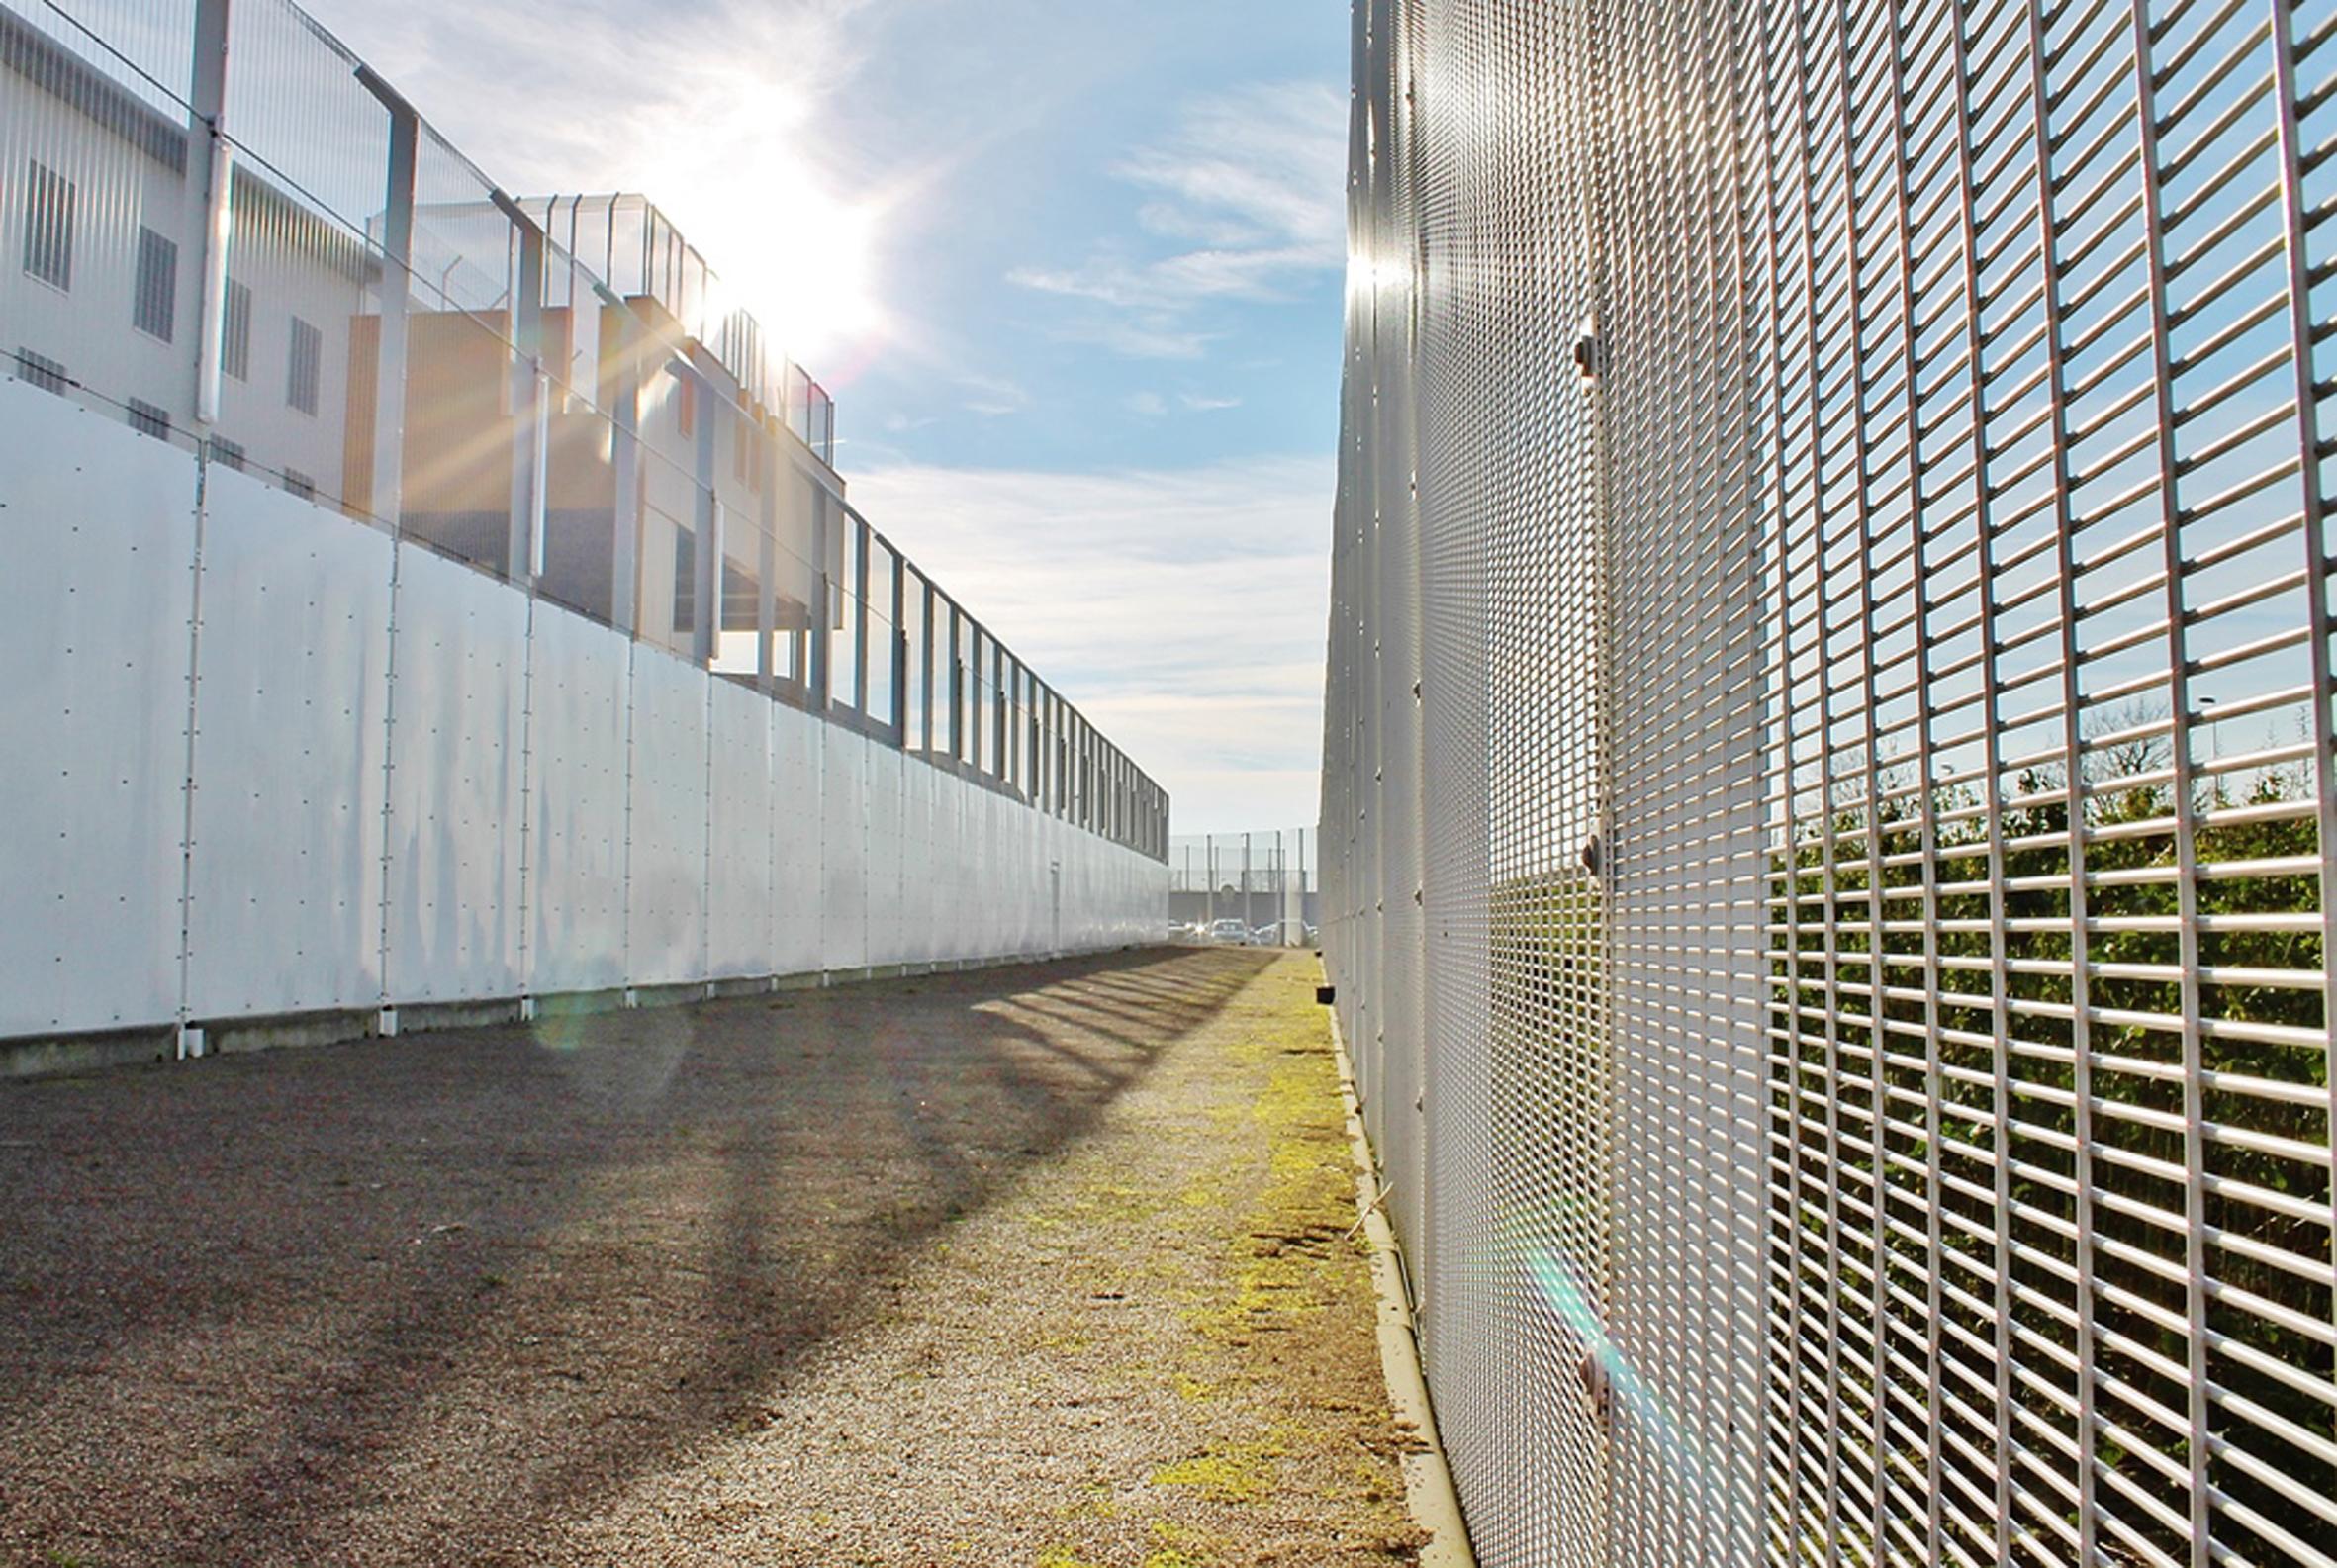 Liebenswert Zaun Design Sammlung Von Exports British Security Expertise To Northern France